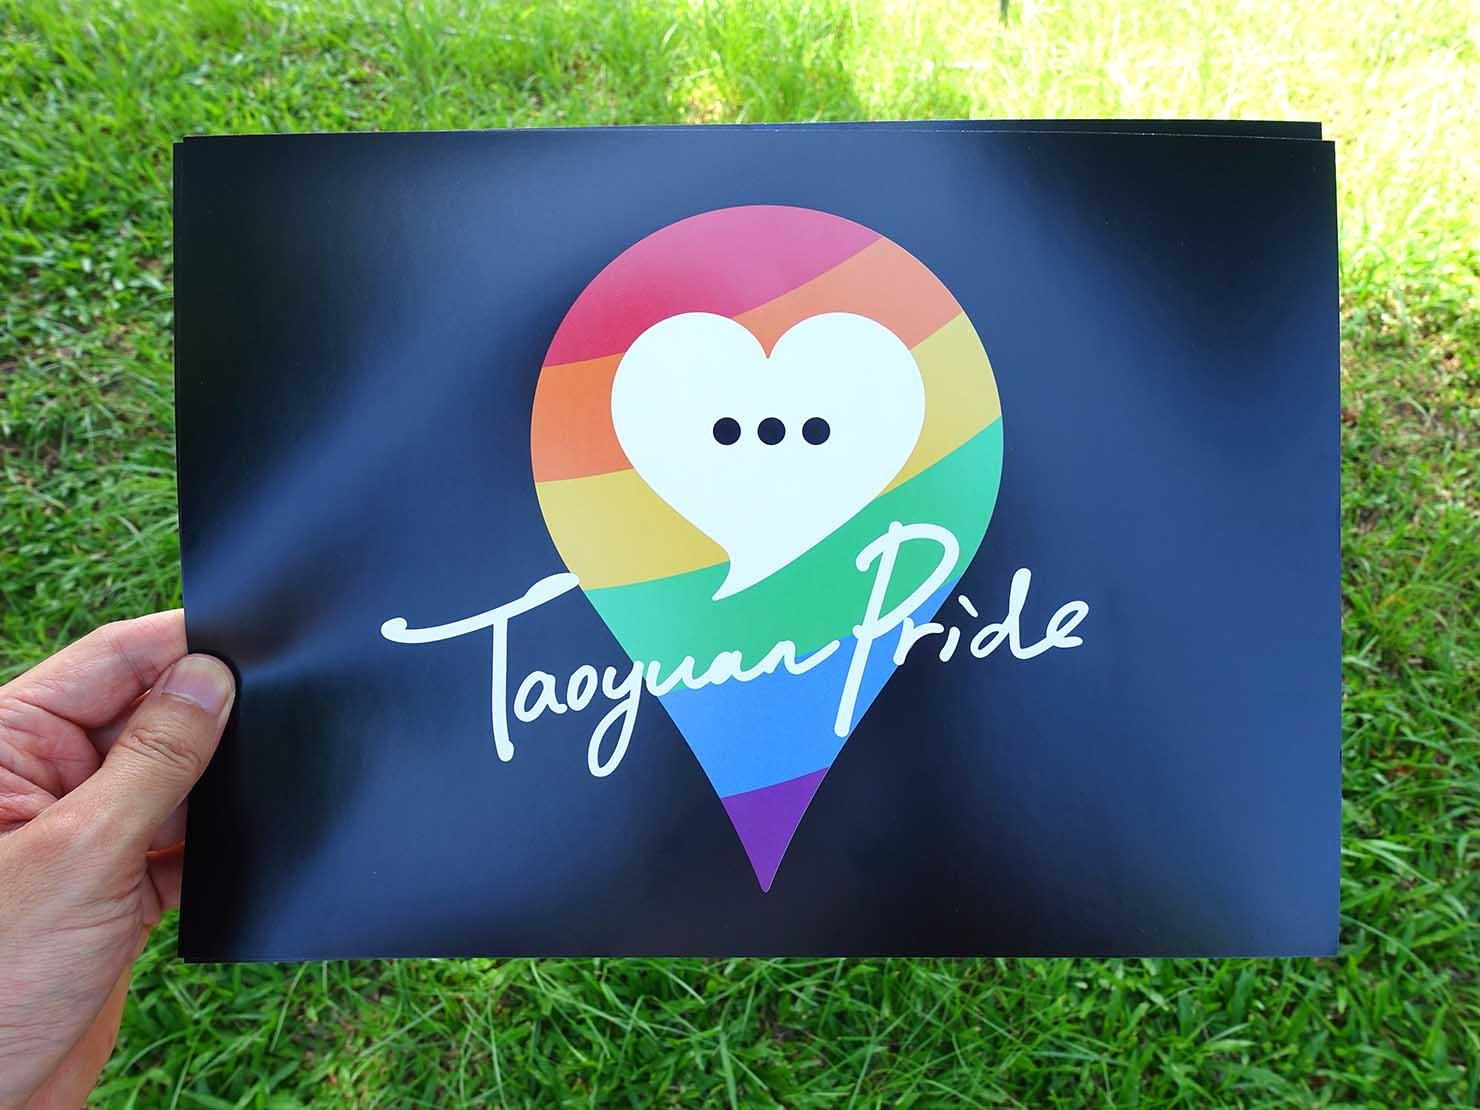 台湾・桃園のLGBTプライド「桃園彩虹野餐日」2020の会場で配られたプラカード